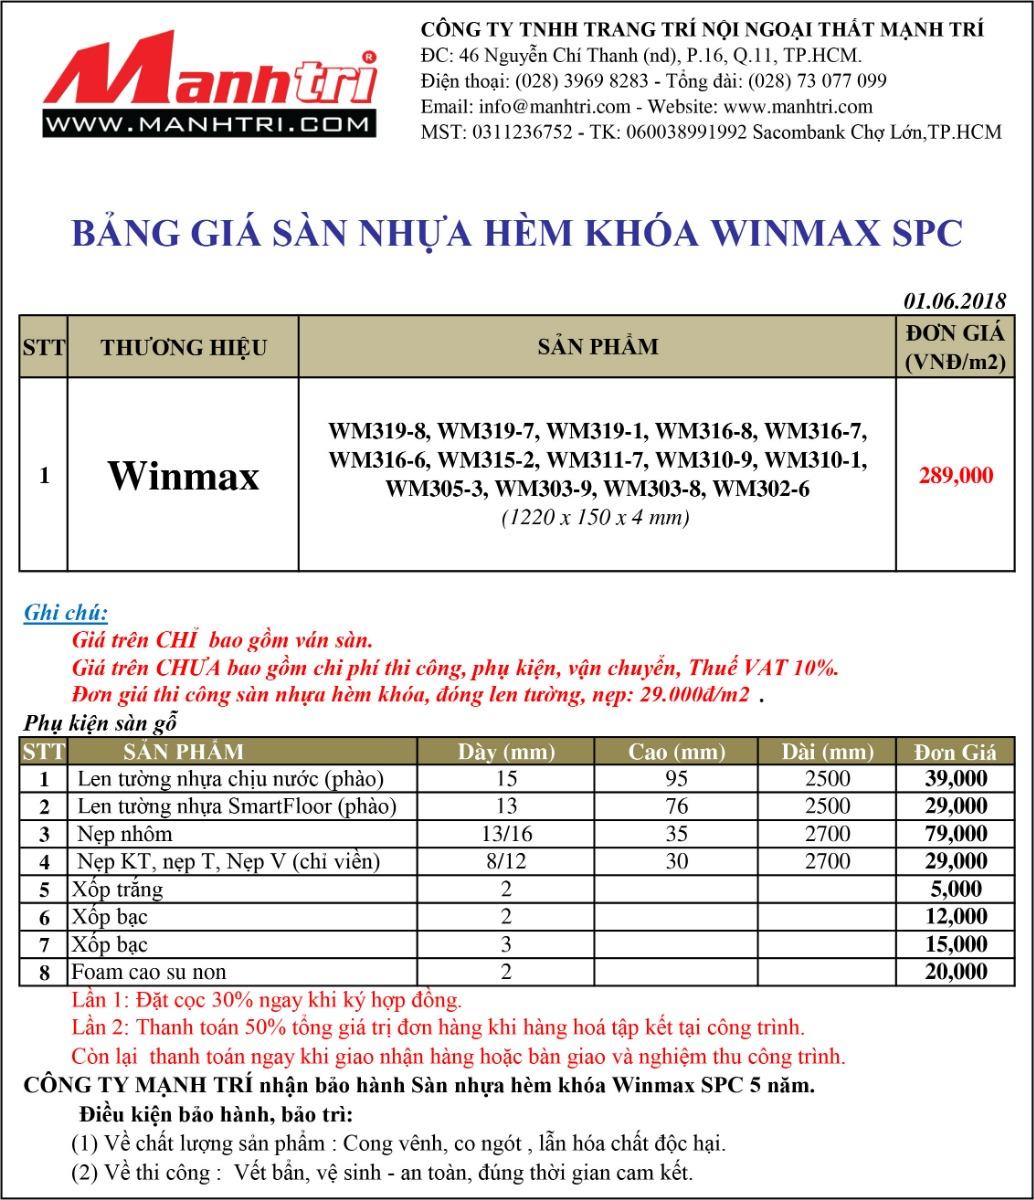 Bảng giá sàn nhựa hèm khóa Winmax SPC